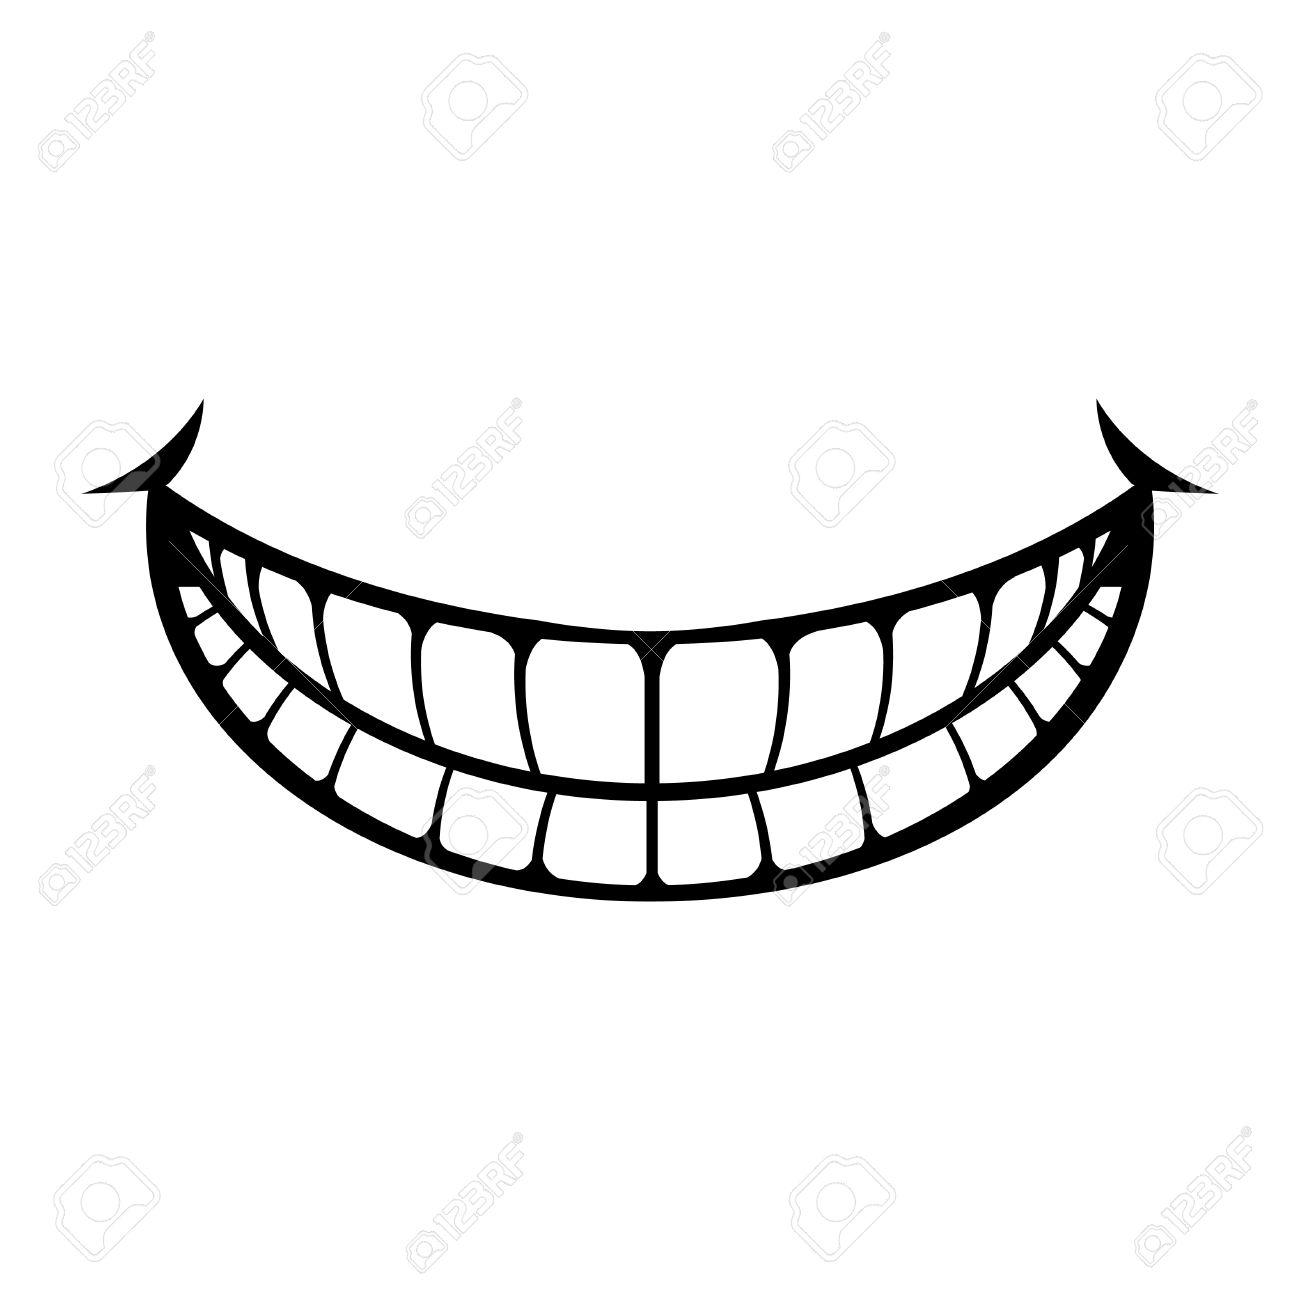 big cartoon smile vector royalty free cliparts vectors and stock rh 123rf com smile vector icon smile vector icon